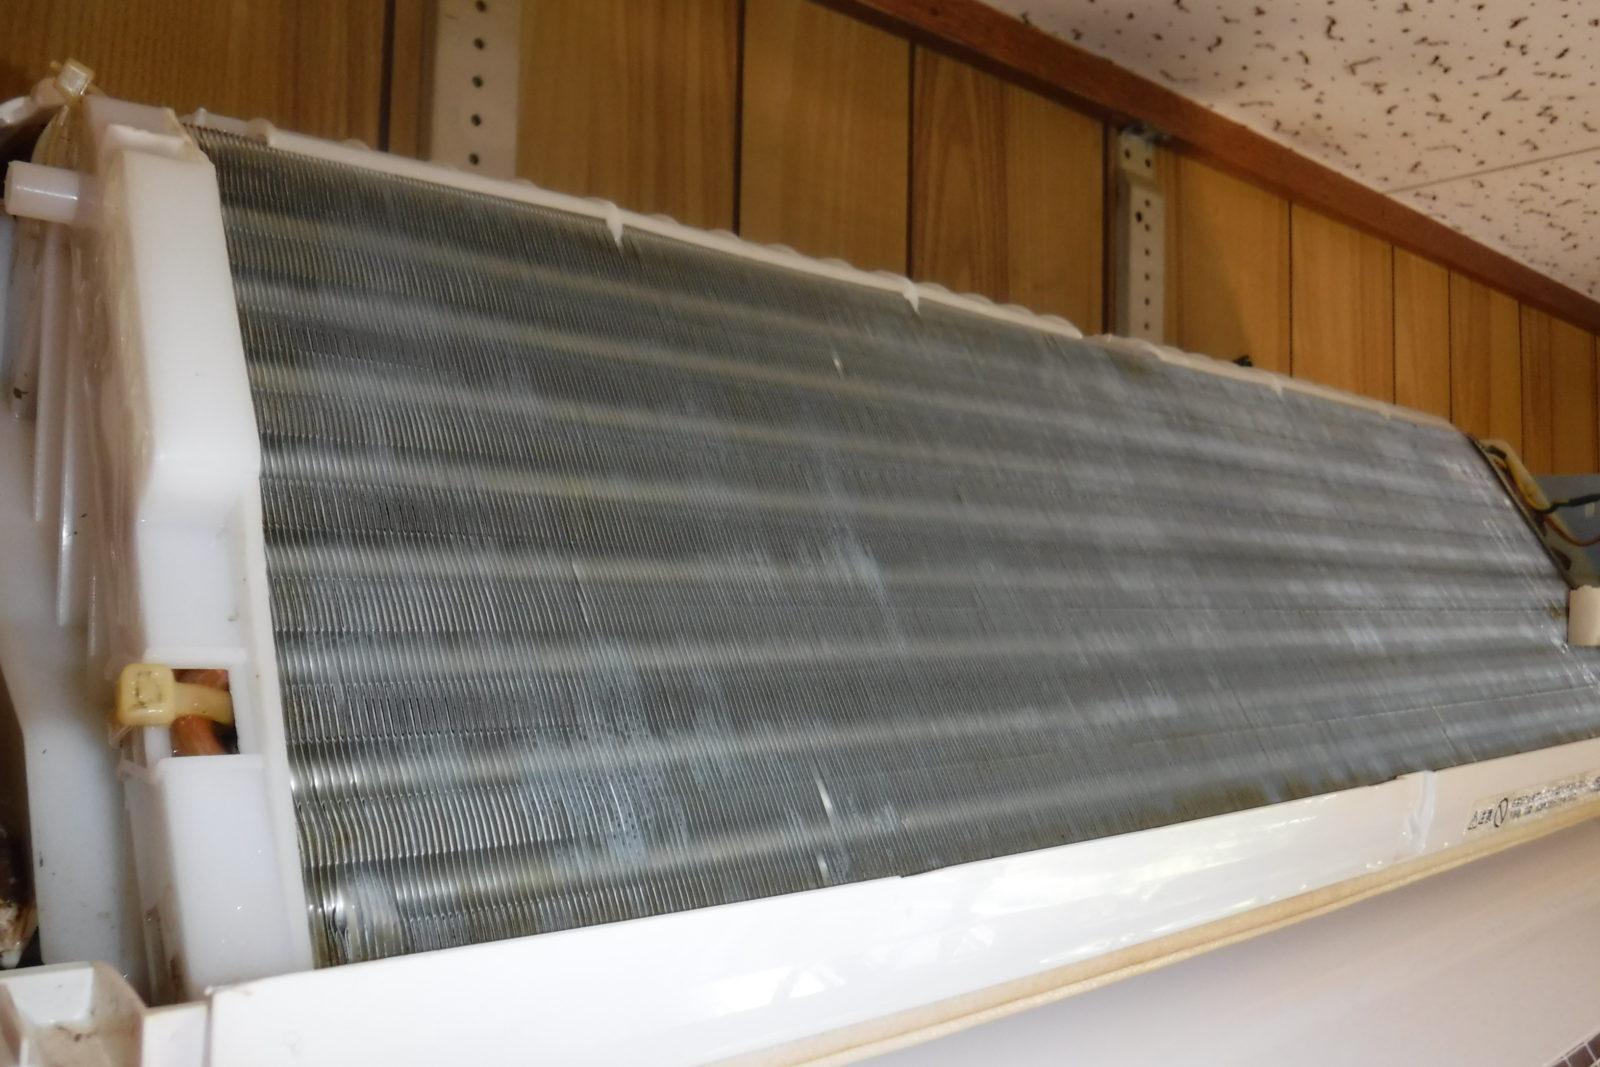 ヤニ汚れの熱交換器アフター